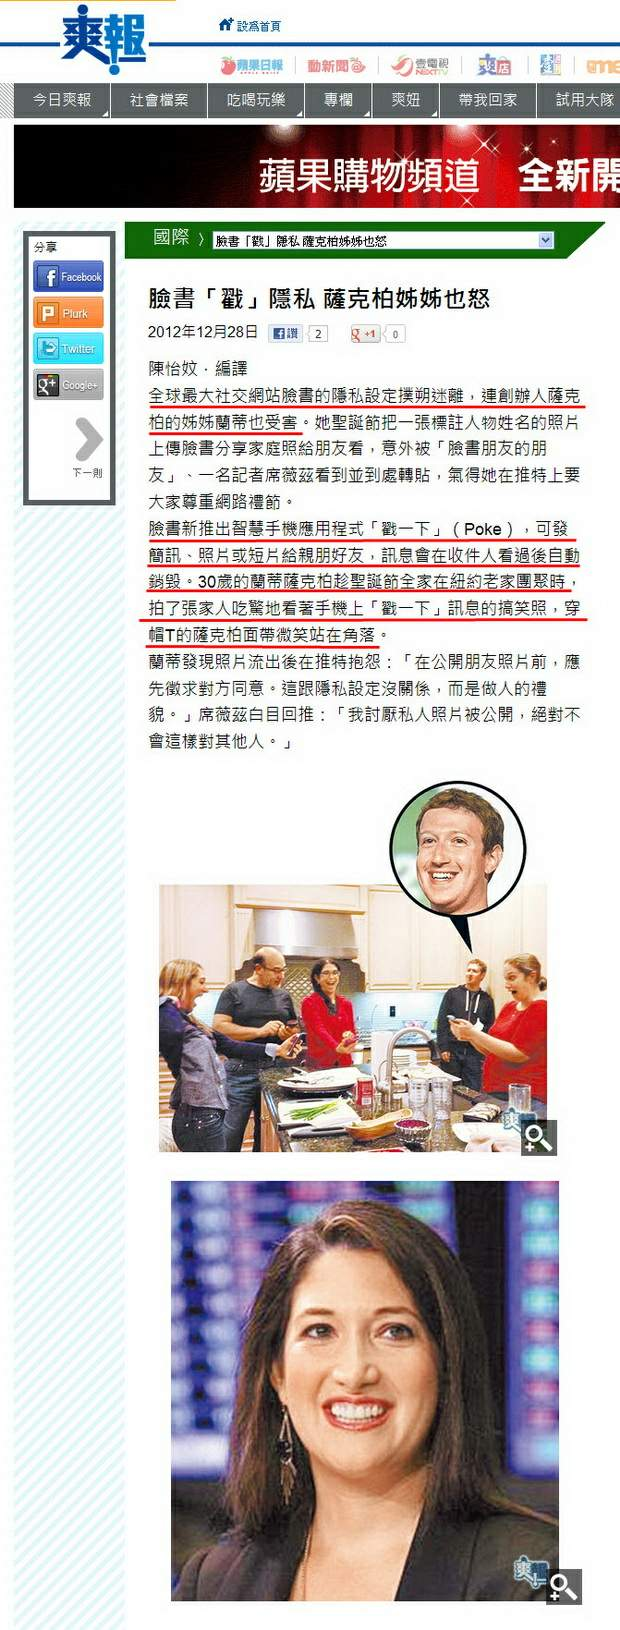 臉書「戳」隱私 薩克柏姊姊也怒-2012.12.28